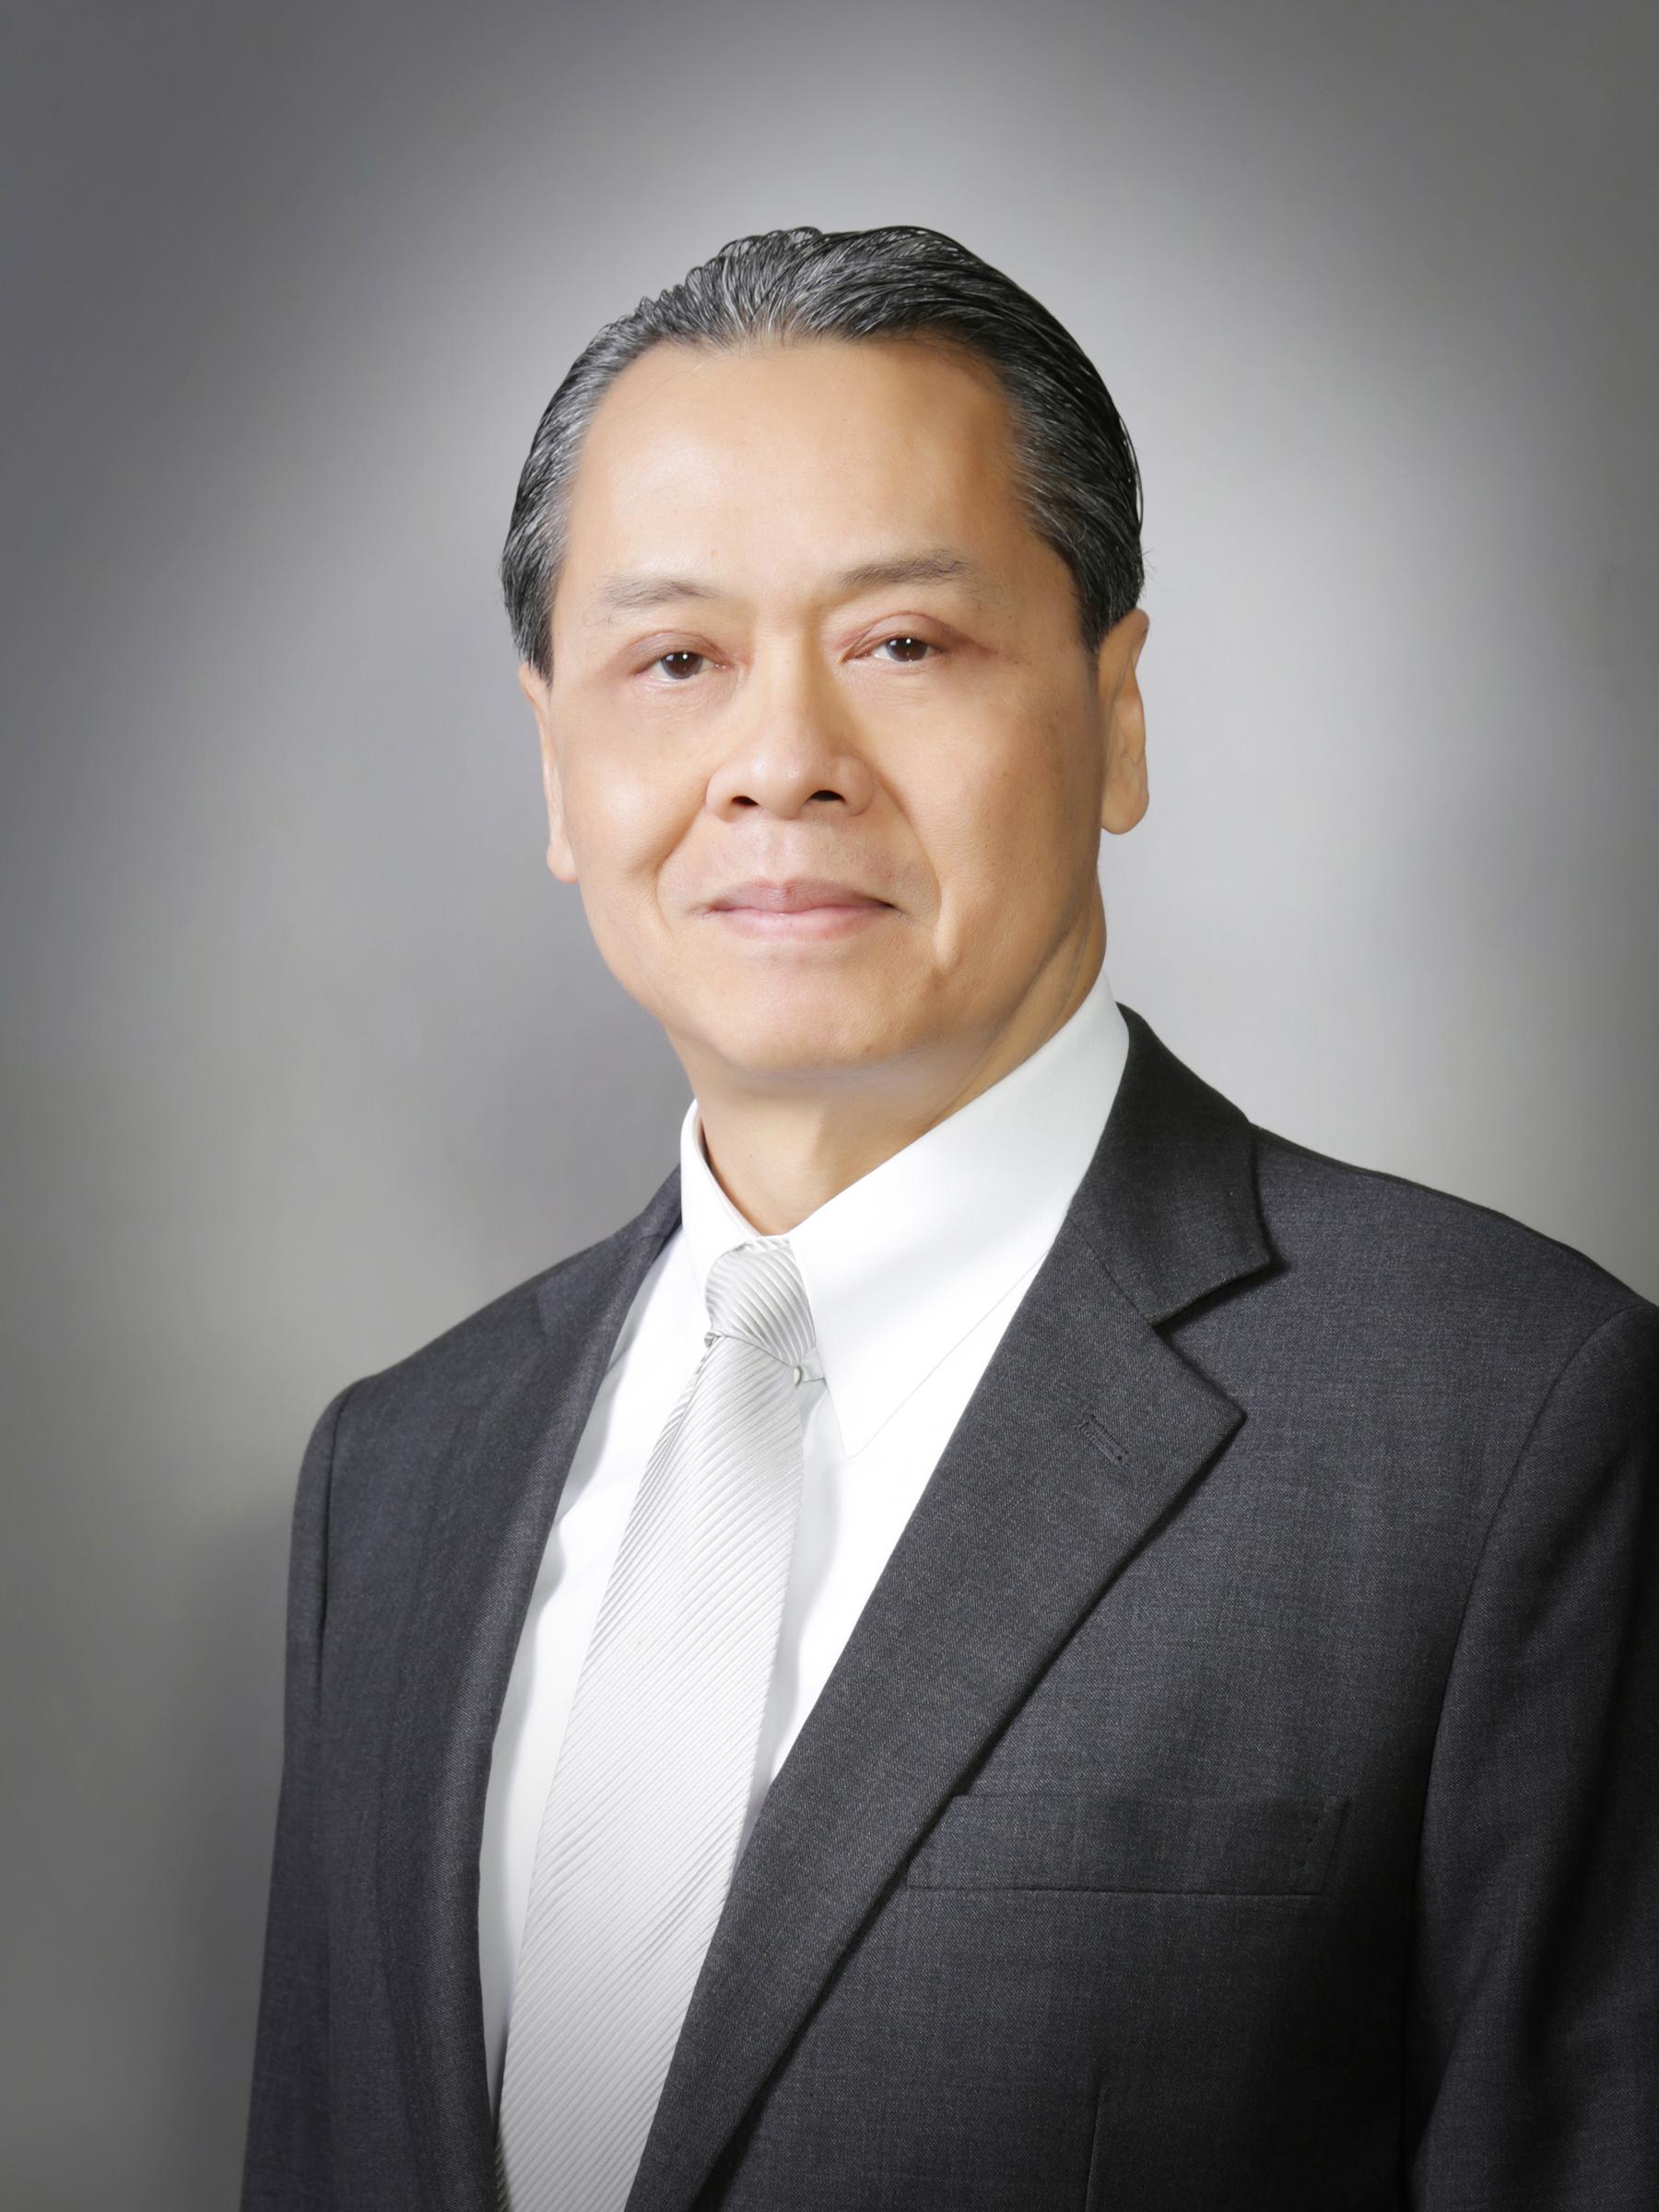 Mr. Banthoon Lamsam.JPG